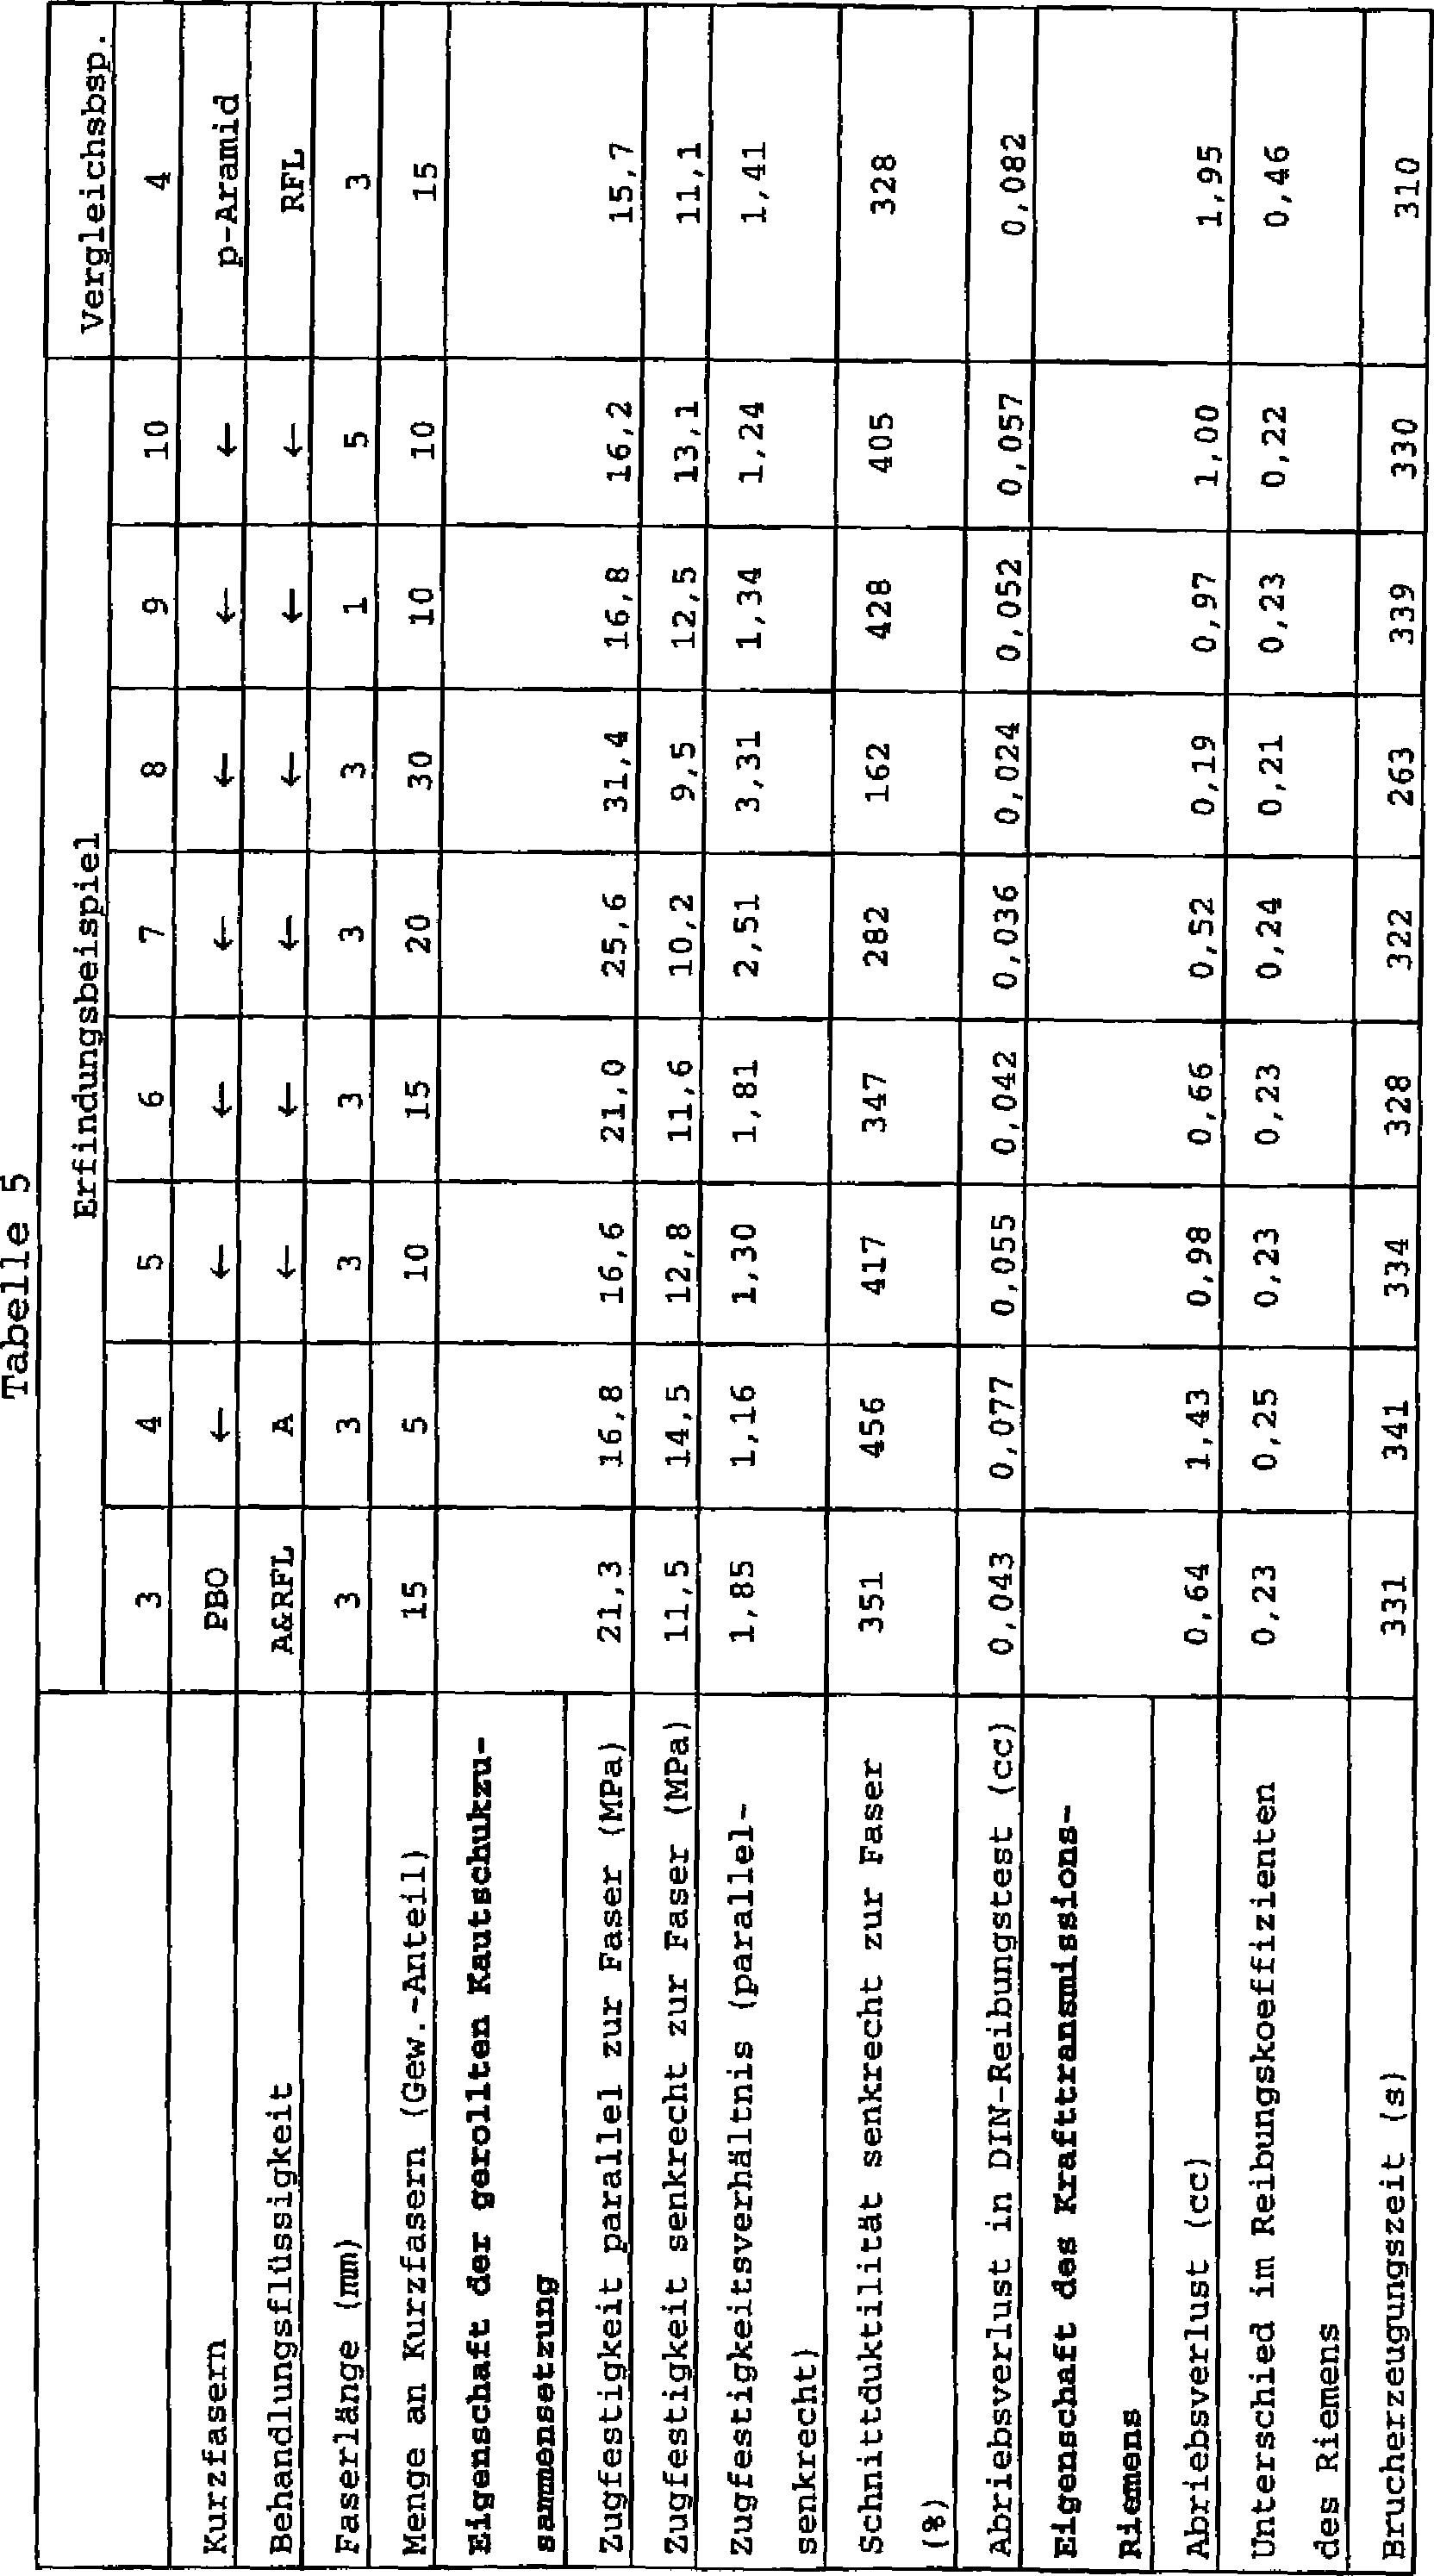 Figure DE000010204092B4_0002